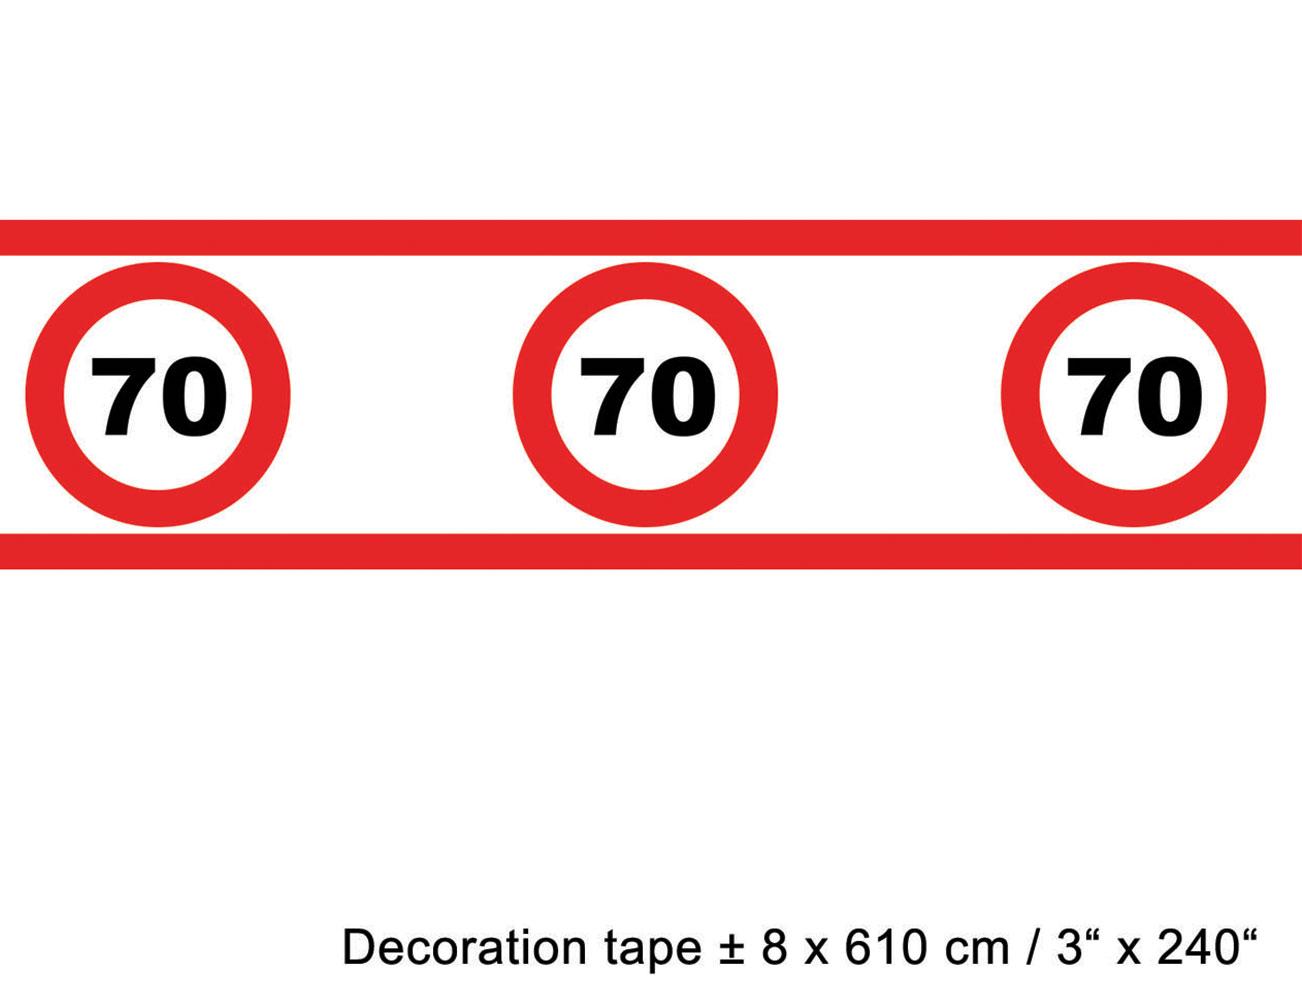 absperrband geburtstag 70 jahre dekoration g nstige. Black Bedroom Furniture Sets. Home Design Ideas